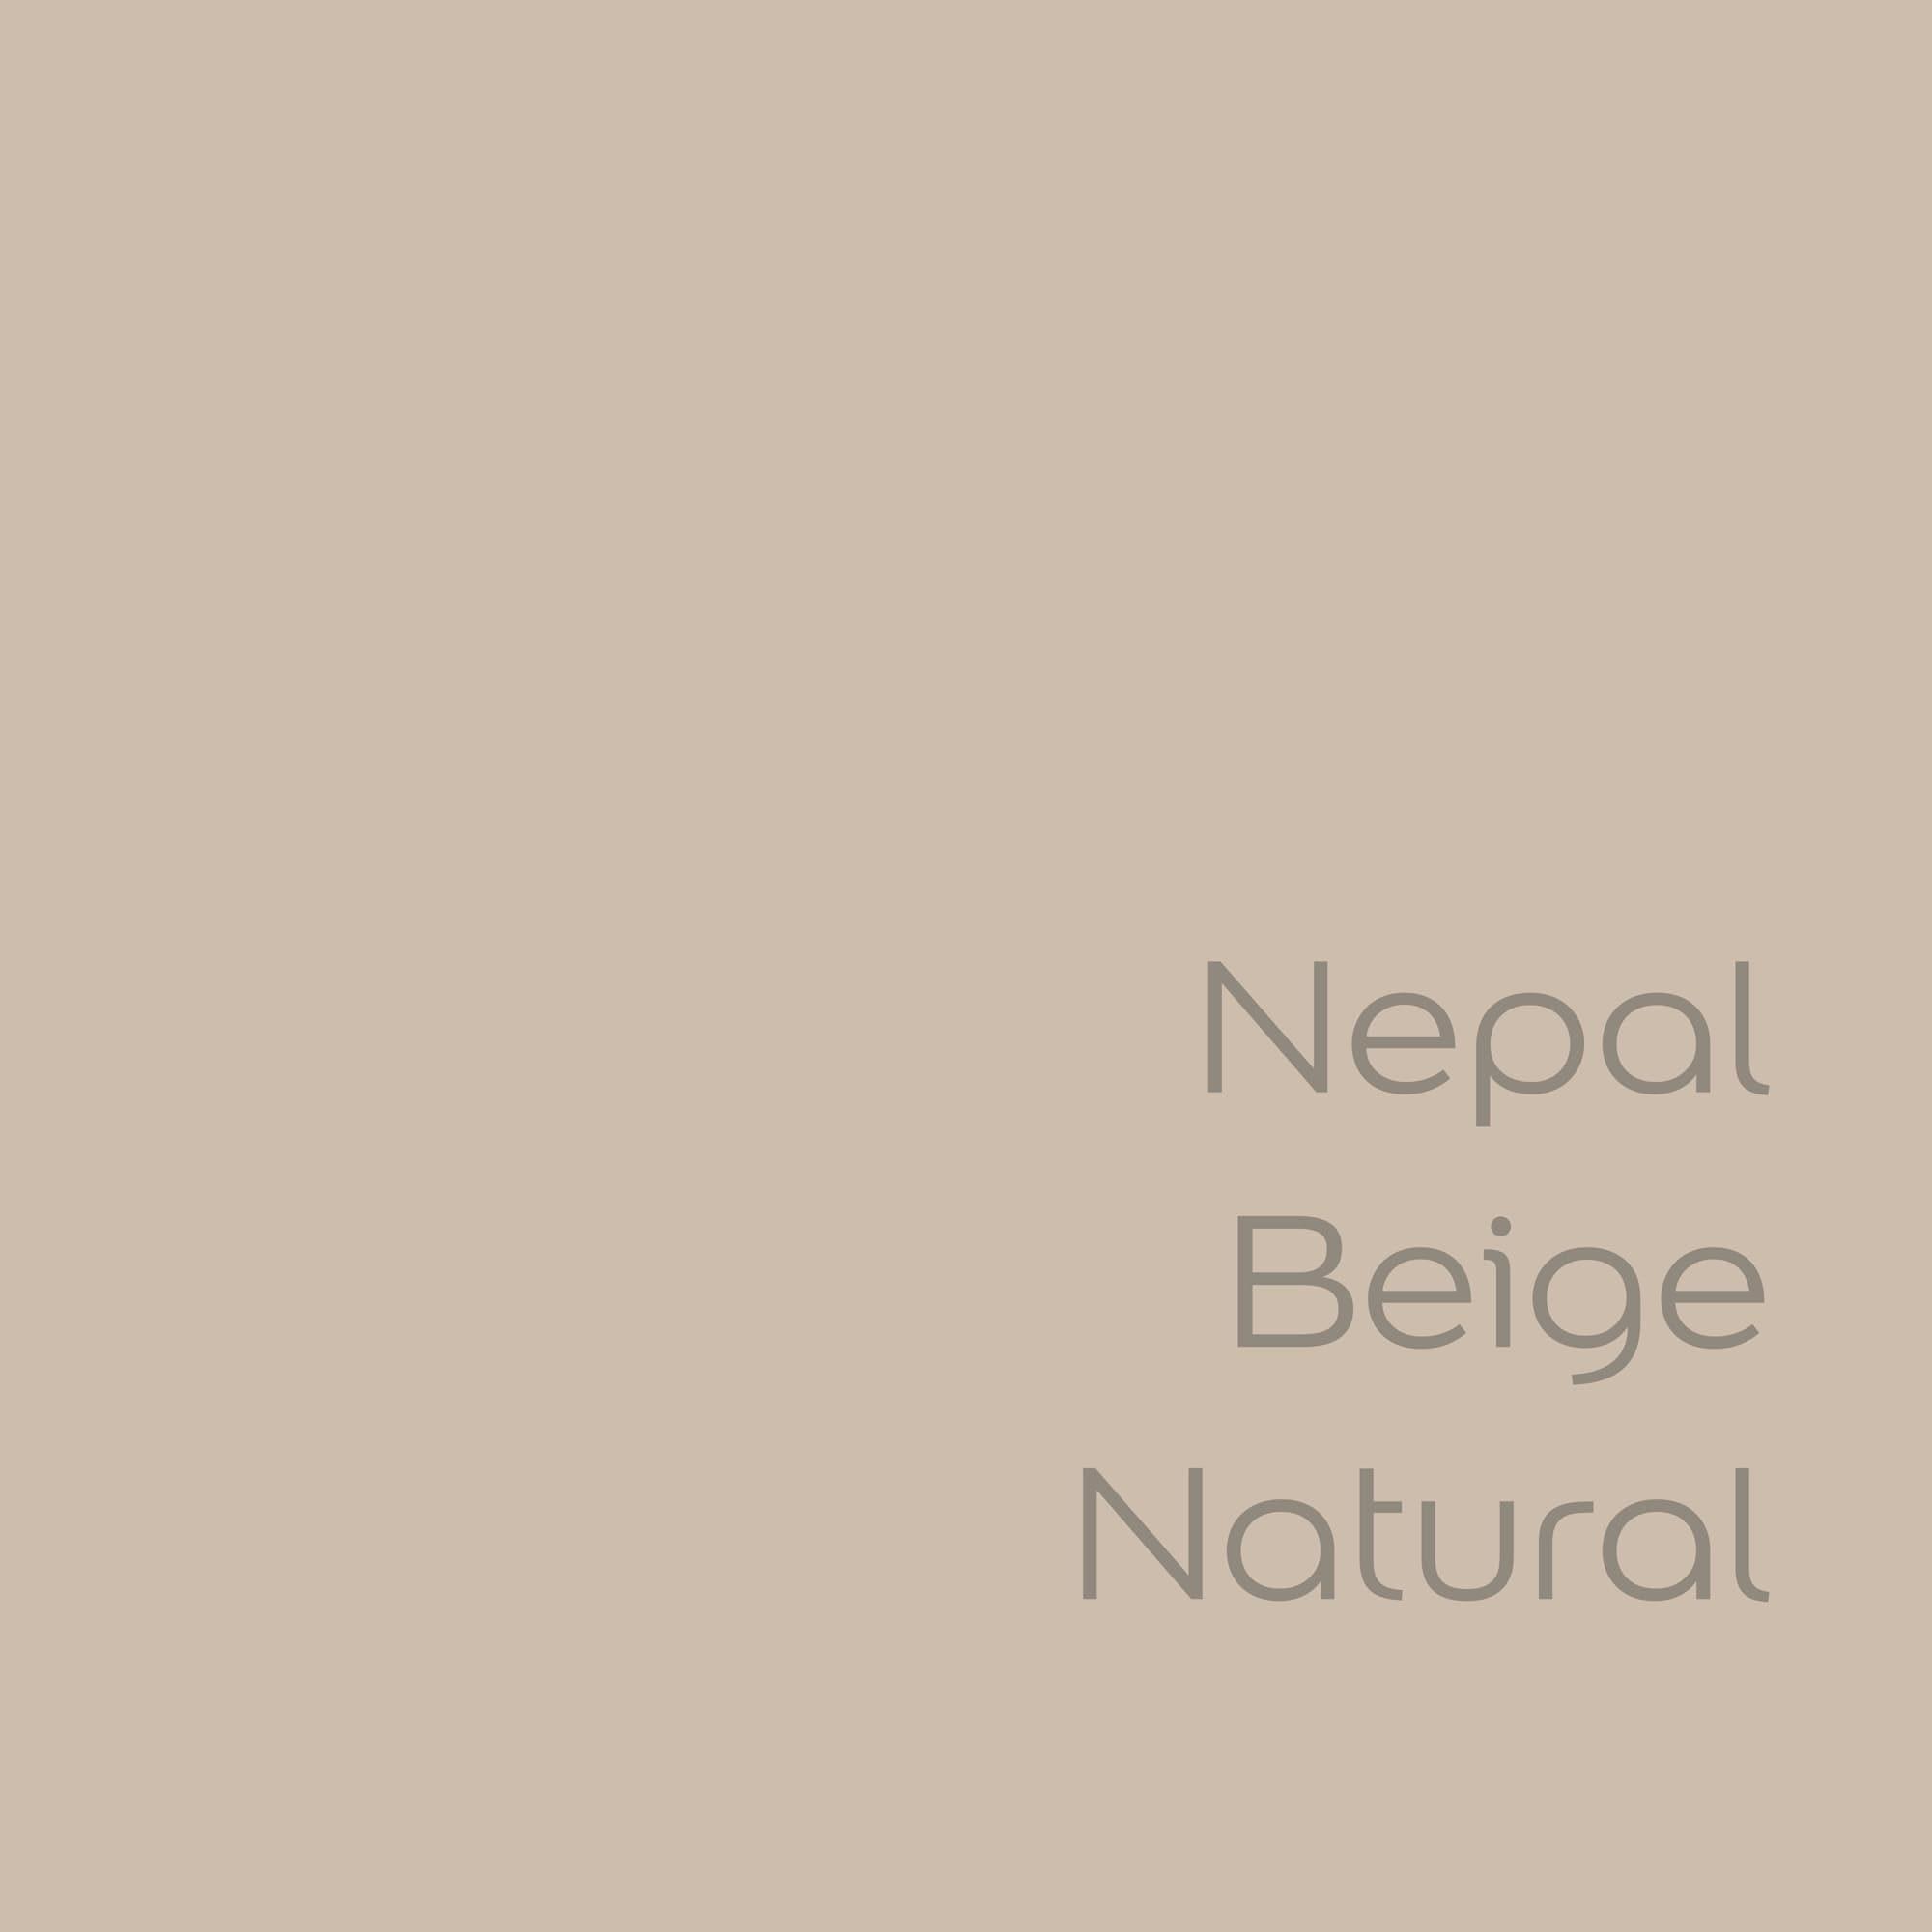 tester de color de pintura bruguer cdm nepal beige natural color